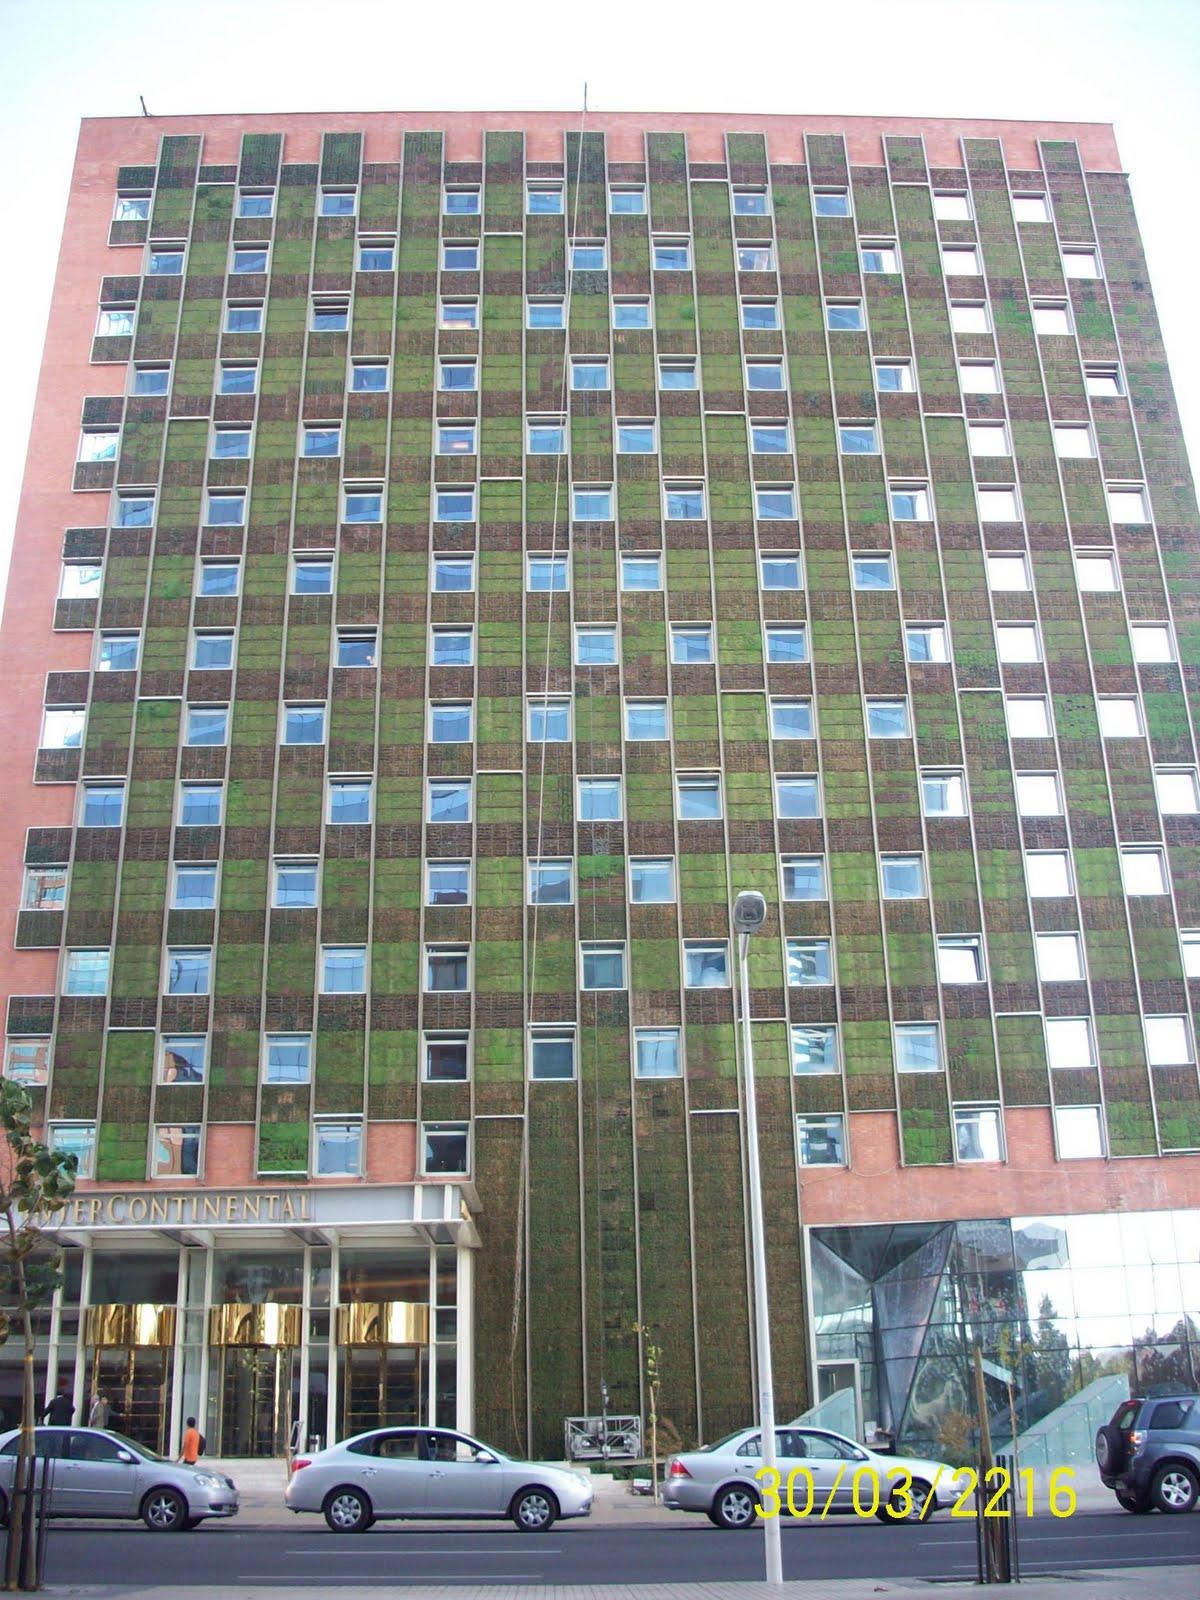 arquitectura sustentable la arquitectura sustentable